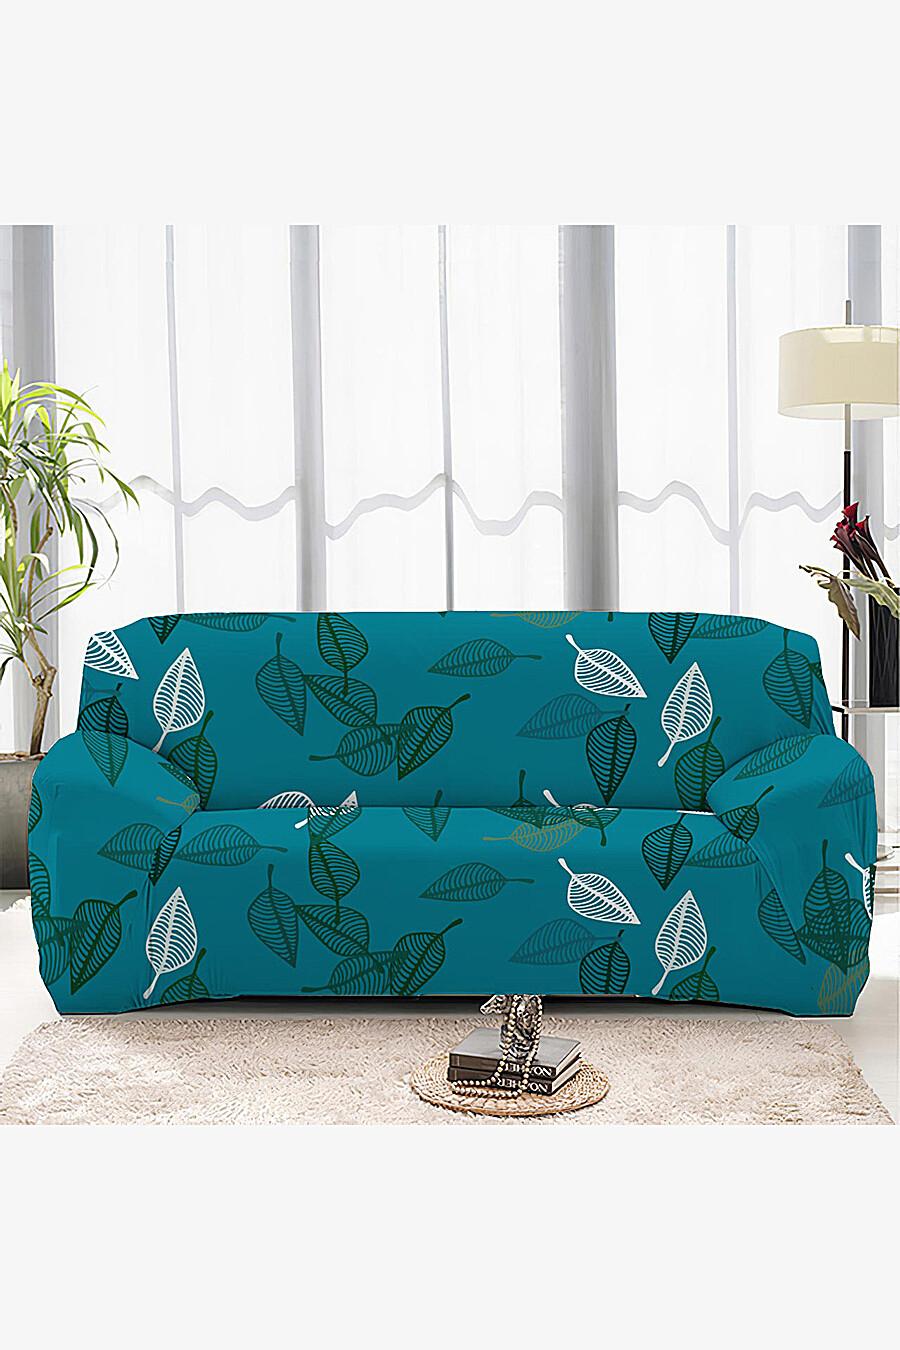 Чехол на диван для дома ART HOME TEXTILE 162811 купить оптом от производителя. Совместная покупка товаров для дома в OptMoyo